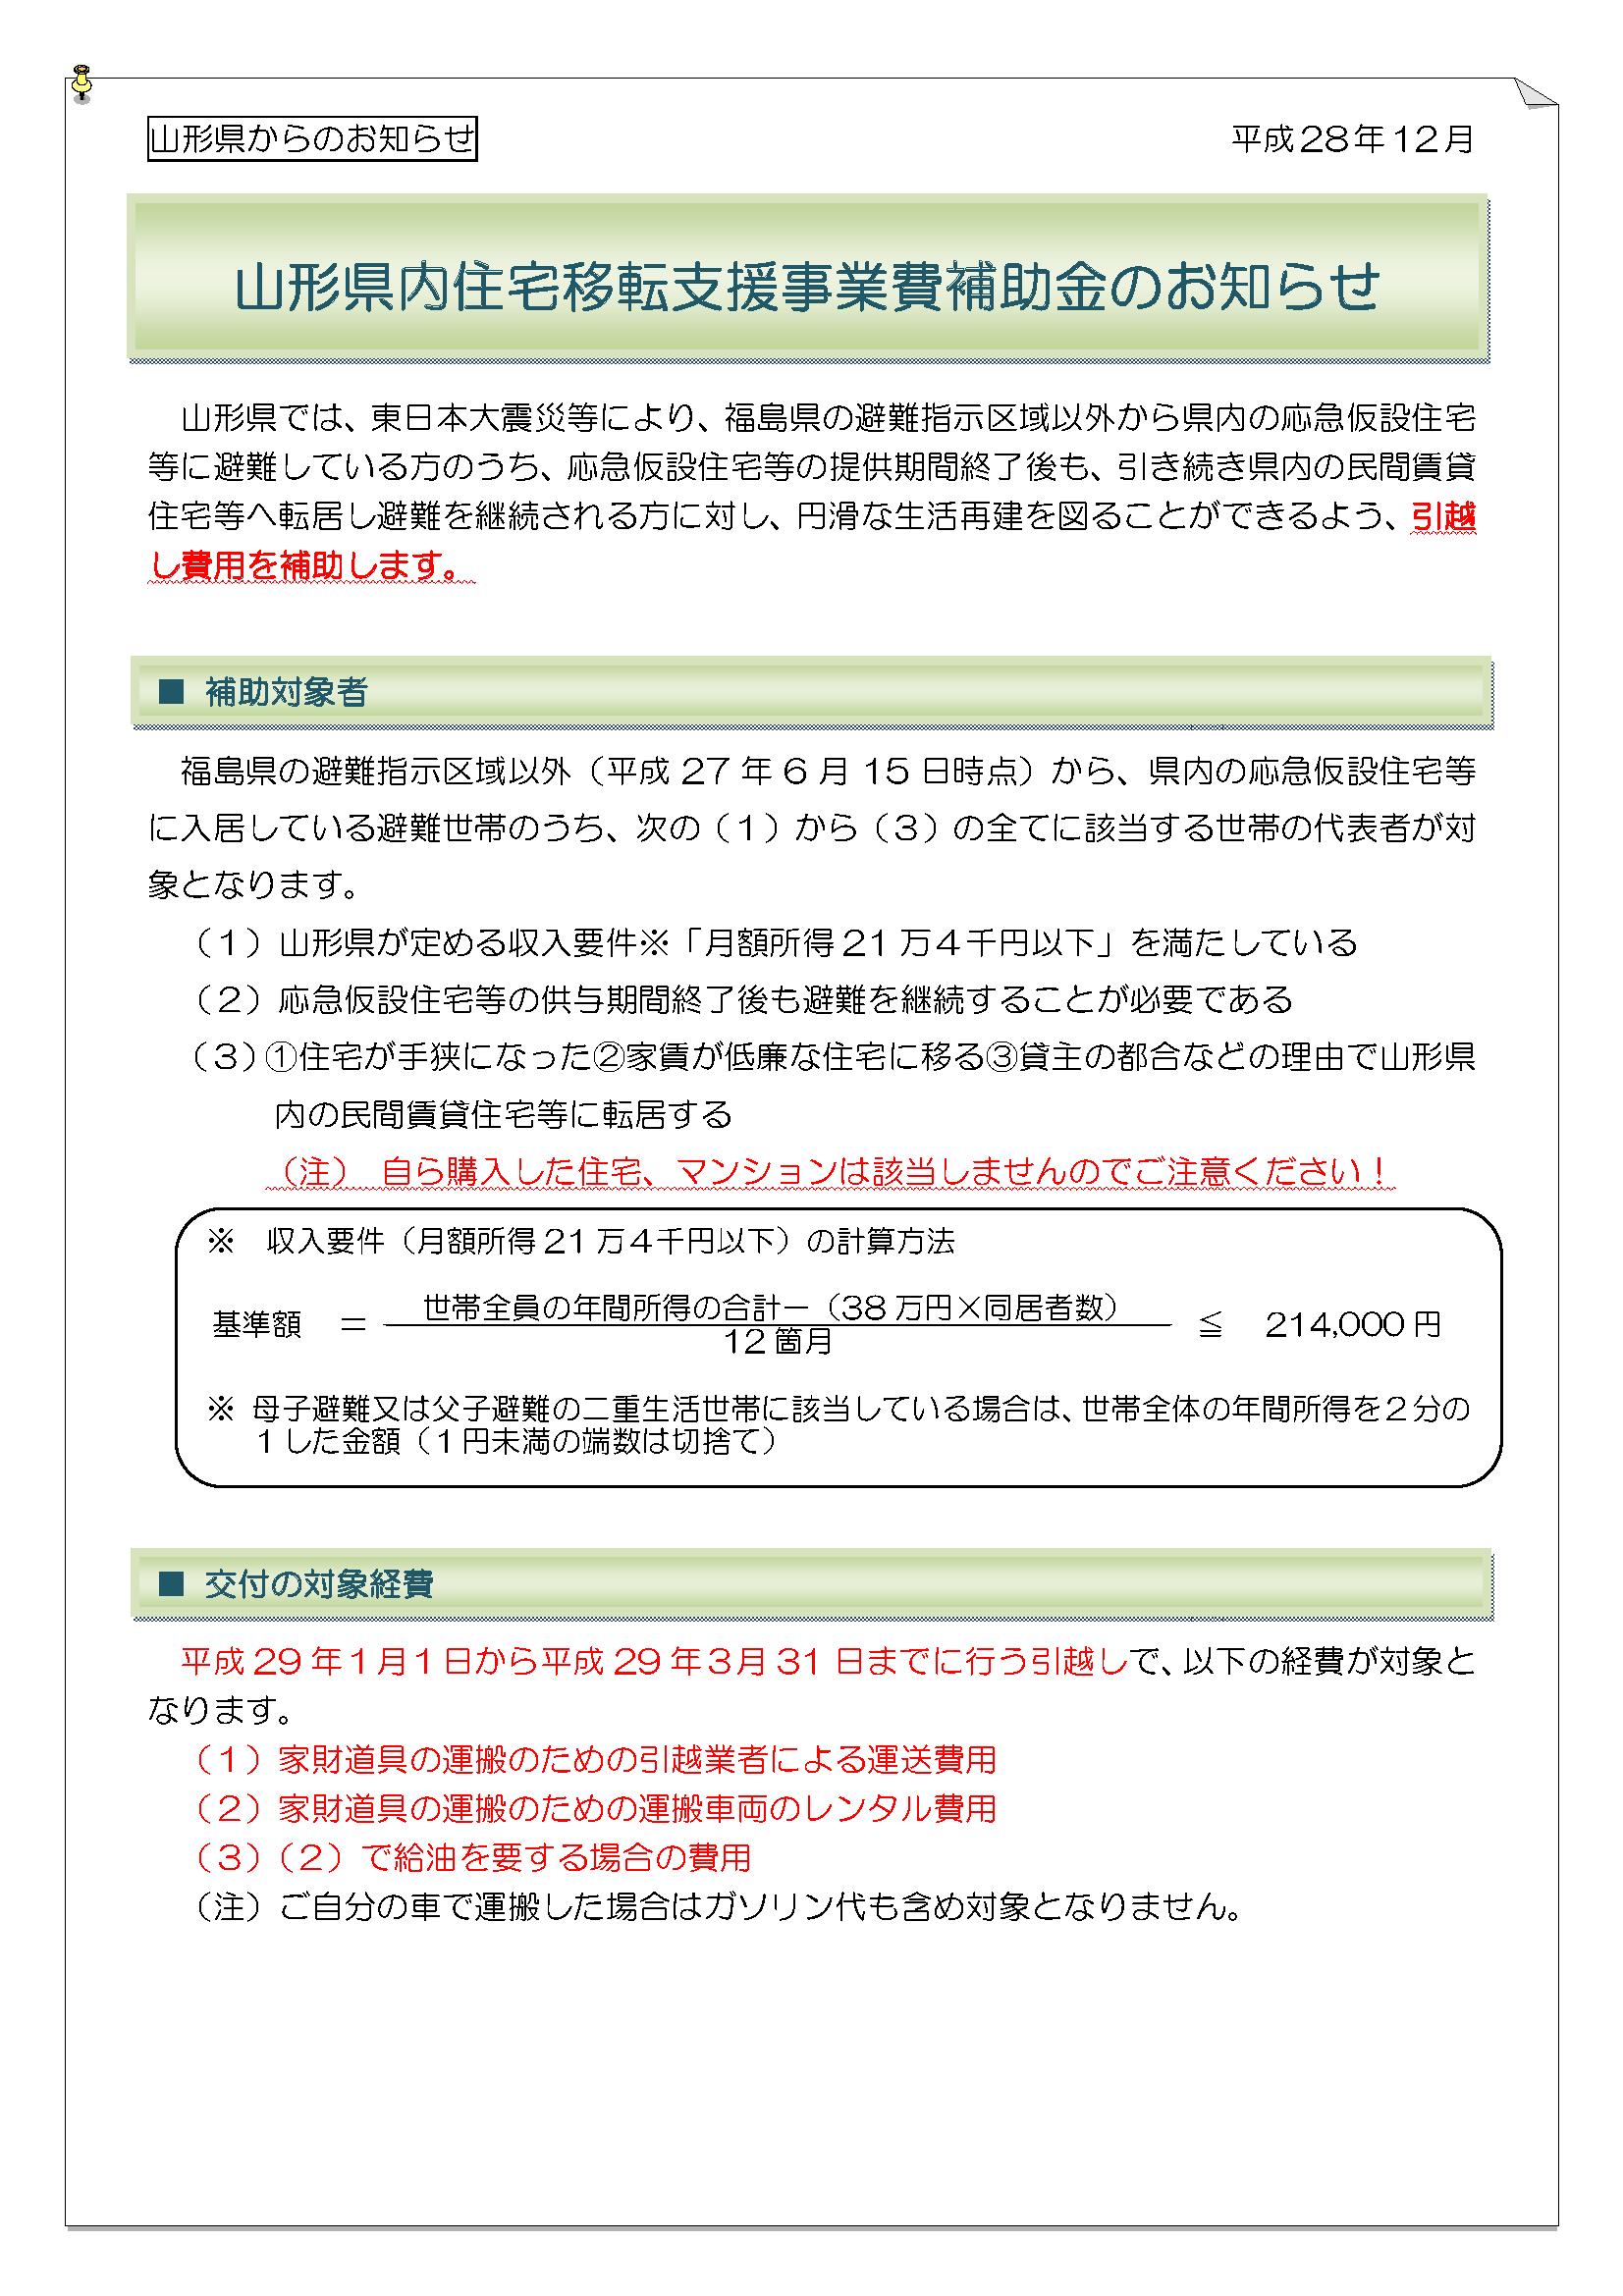 山形県内住宅移転支援事業費補助金 のお知らせ